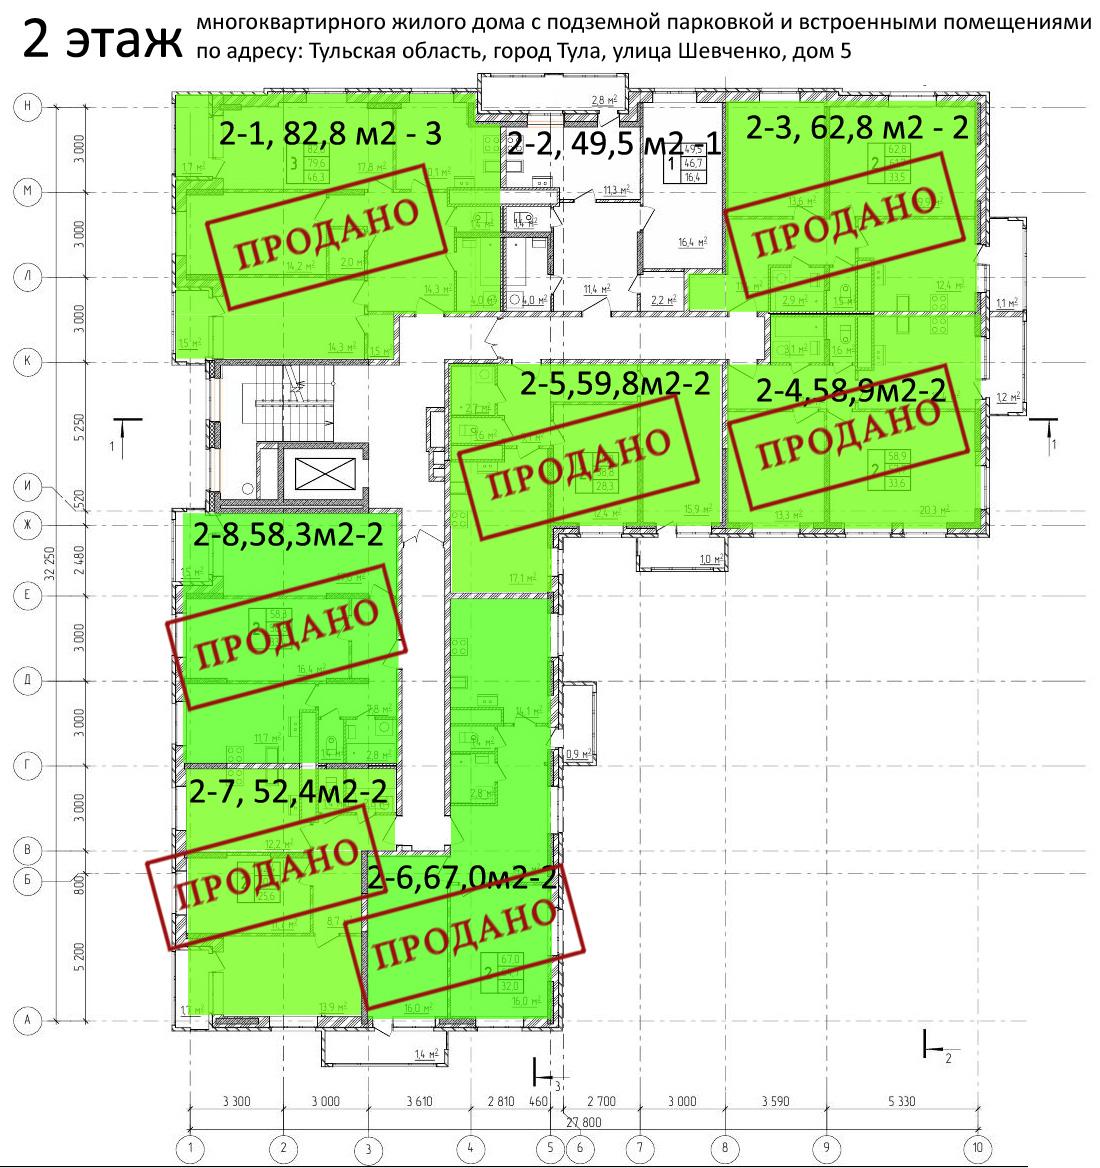 Планировка 3,4,5,6,7,8 этажа ЖК АВРОРА-HOUSE по ул. Шевченко 5